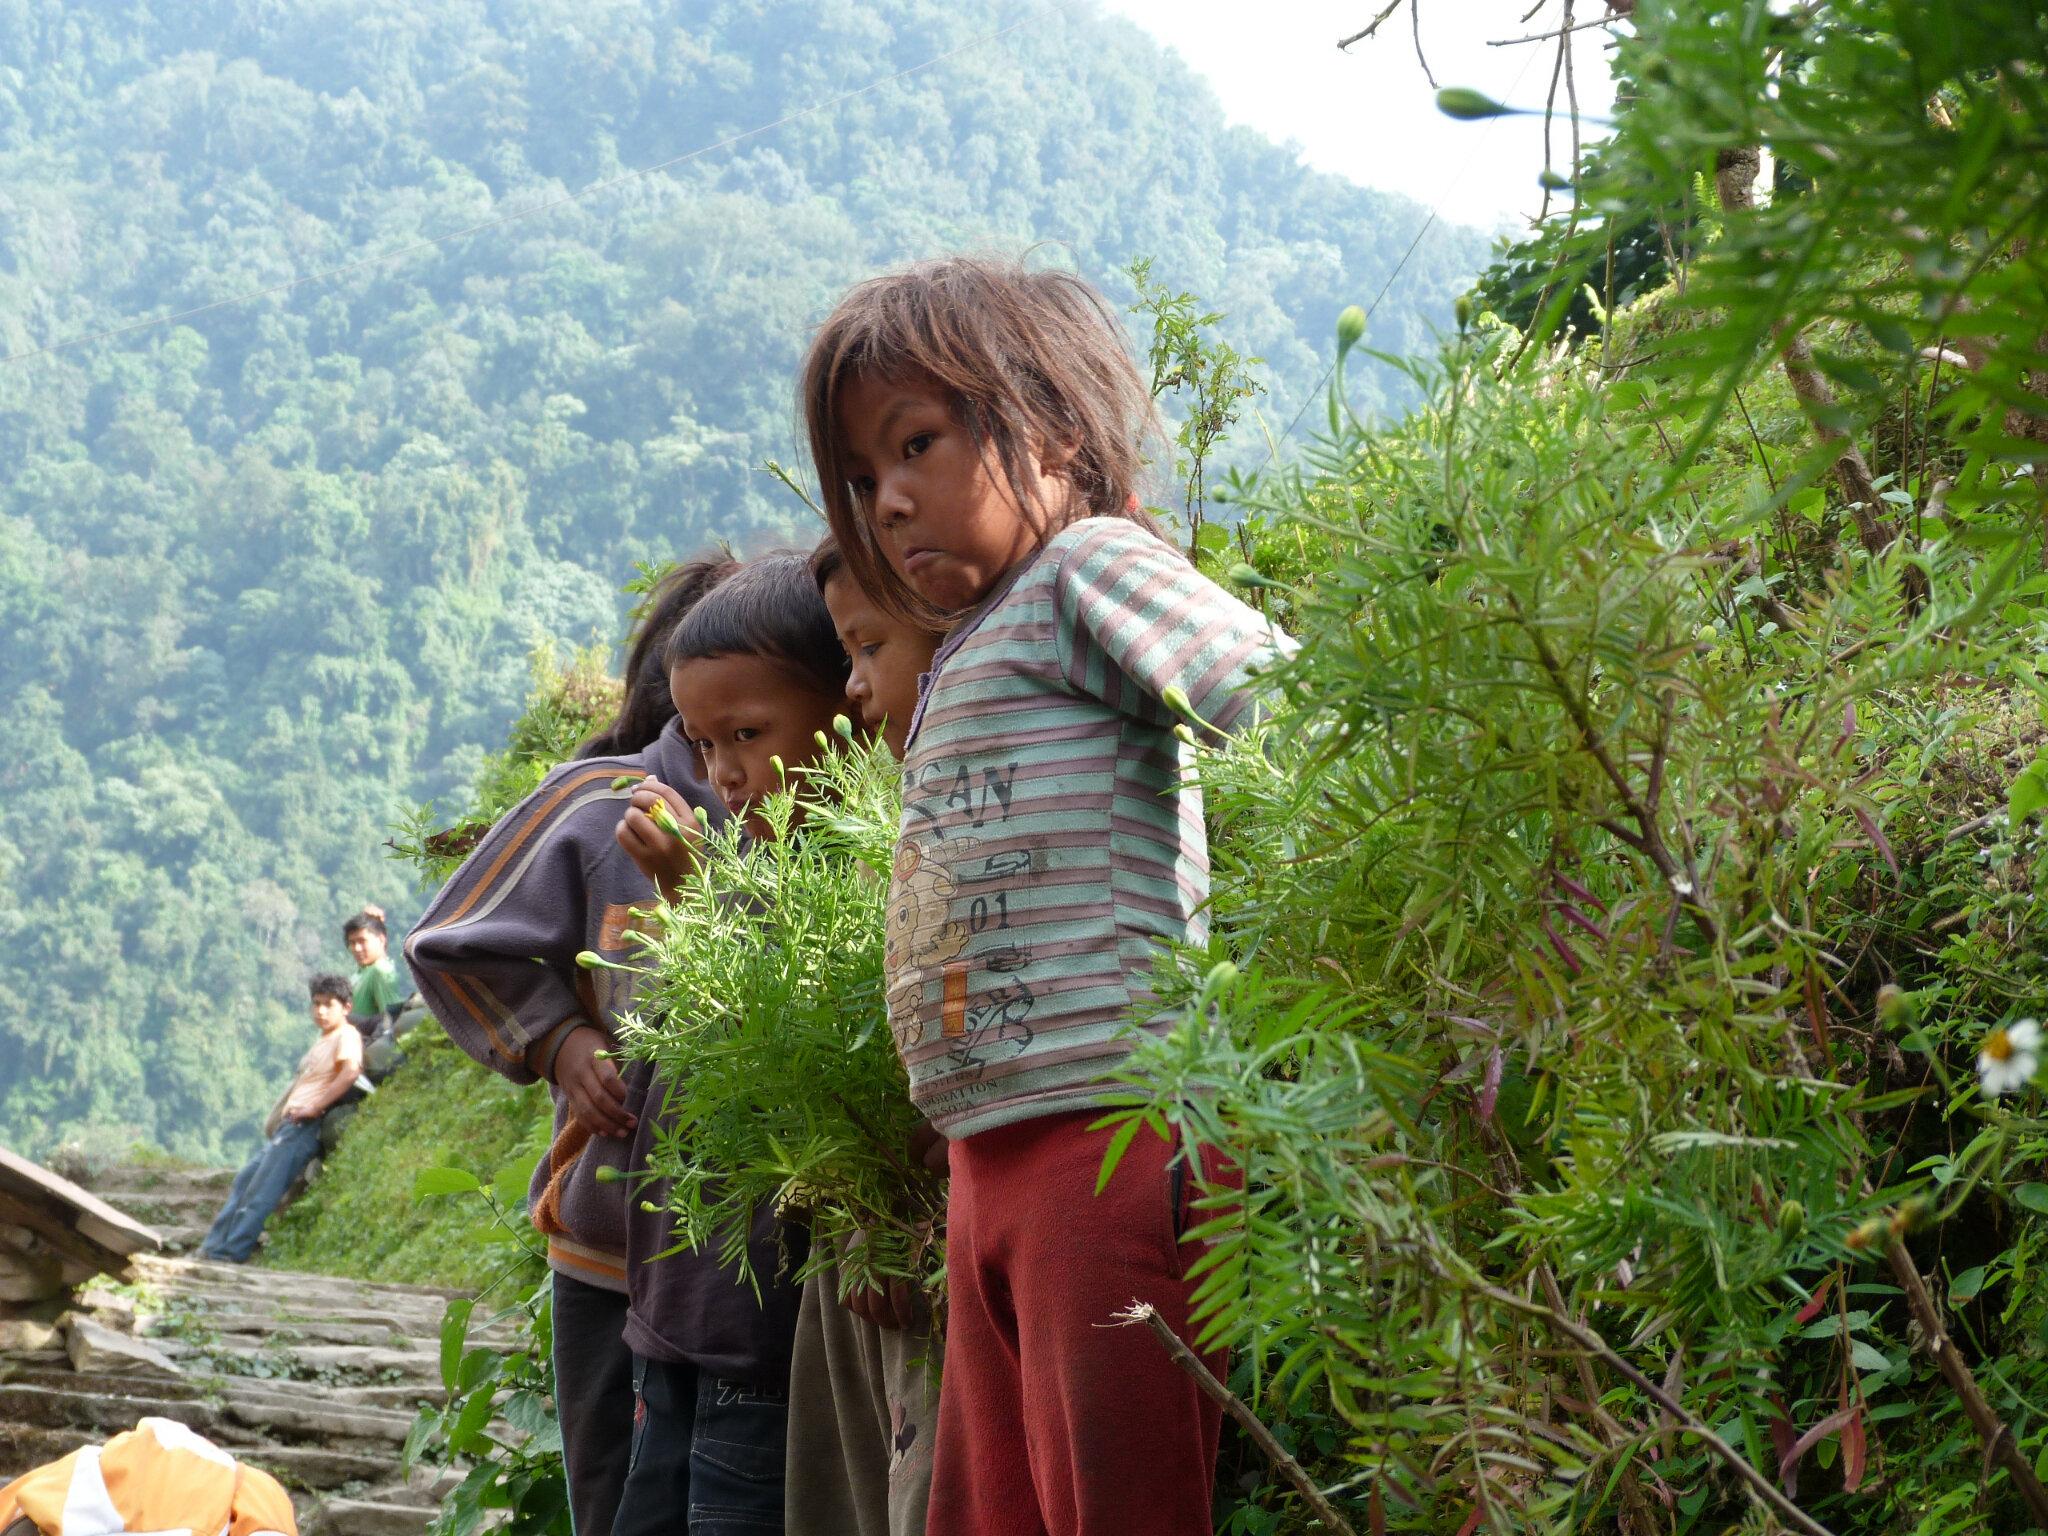 ORPHELINATS ET TOURISME HUMANITAIRE AU NEPAL